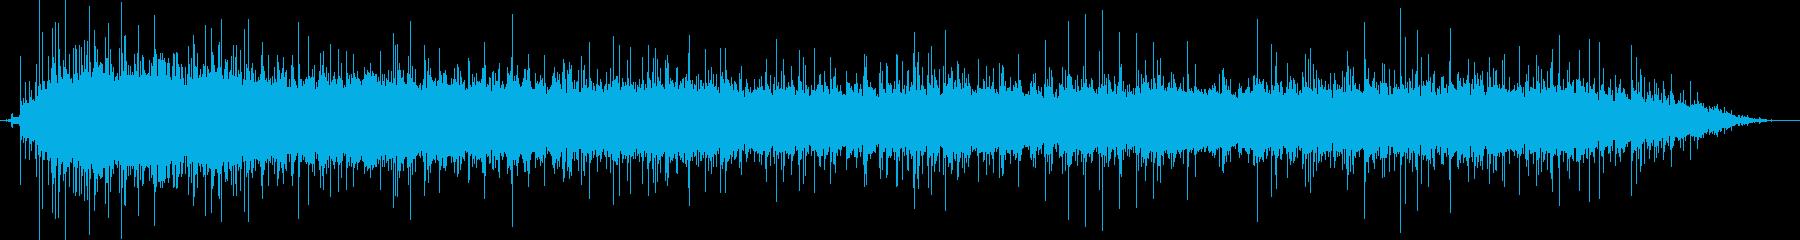 中規模の屋内観客:クラシックコンサ...の再生済みの波形